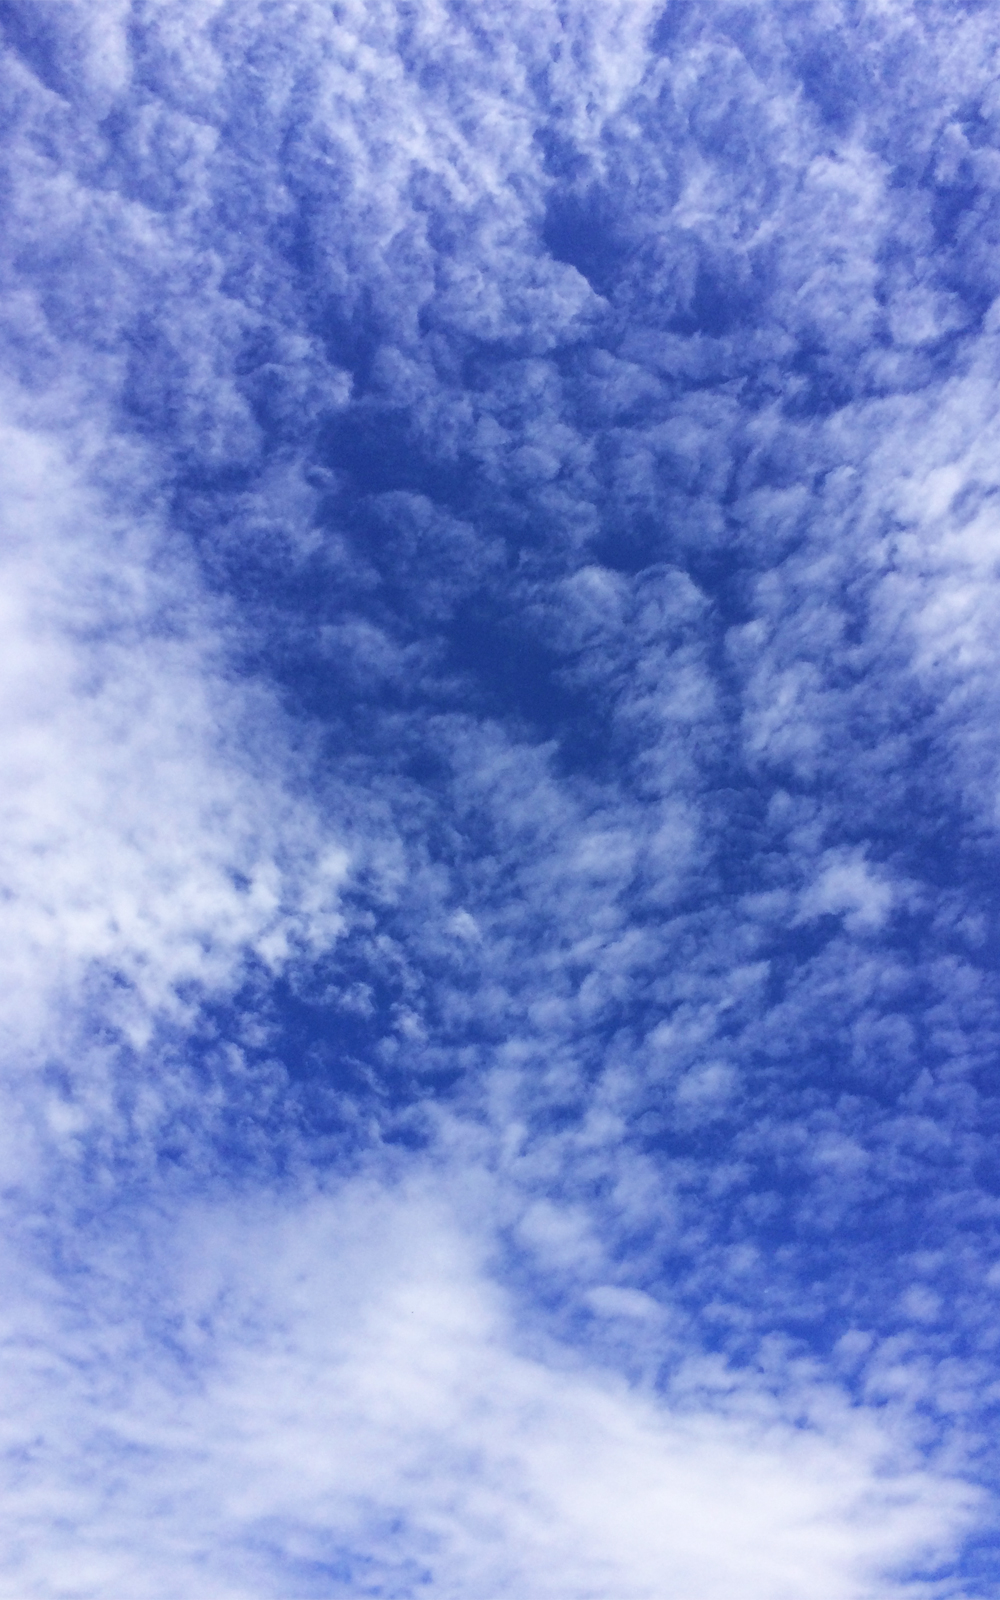 晴れ渡った空と雲の写真画像4(P031)